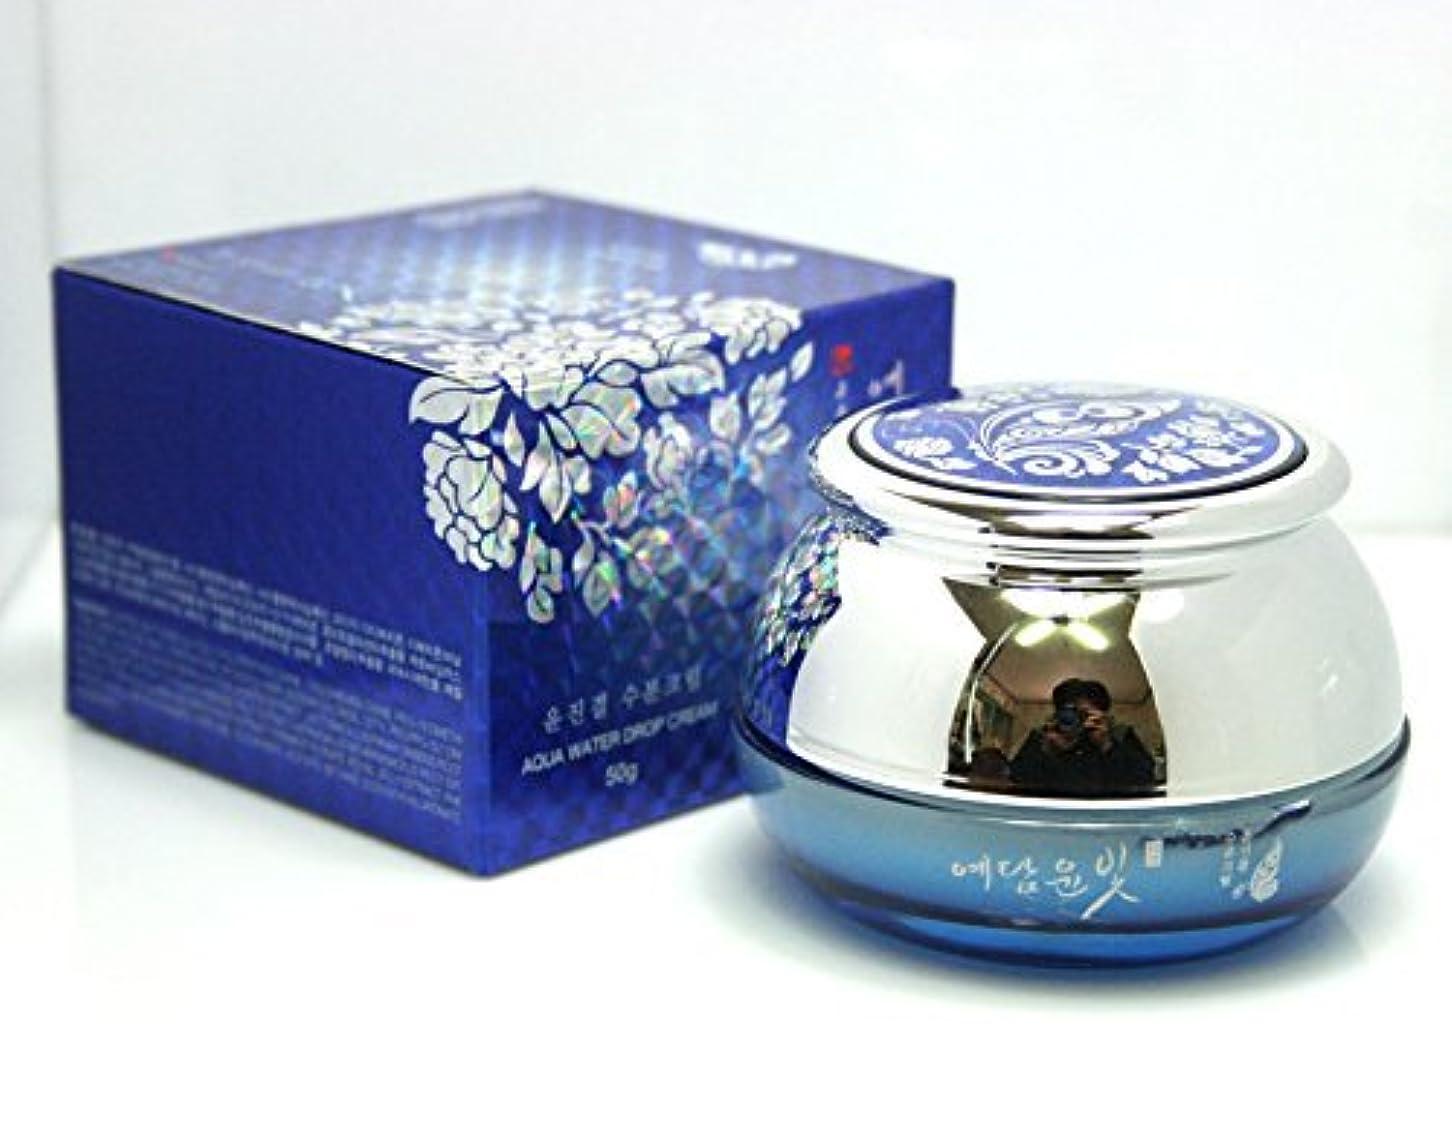 複雑でないはねかける切り離す[YEDAM YUN BIT] Yunjin Gyeolアクアウォータードロップクリーム50g / オリエンタルハーブ / 韓国化粧品 / Yunjin Gyeol Aqua Water Drop Cream 50g /...